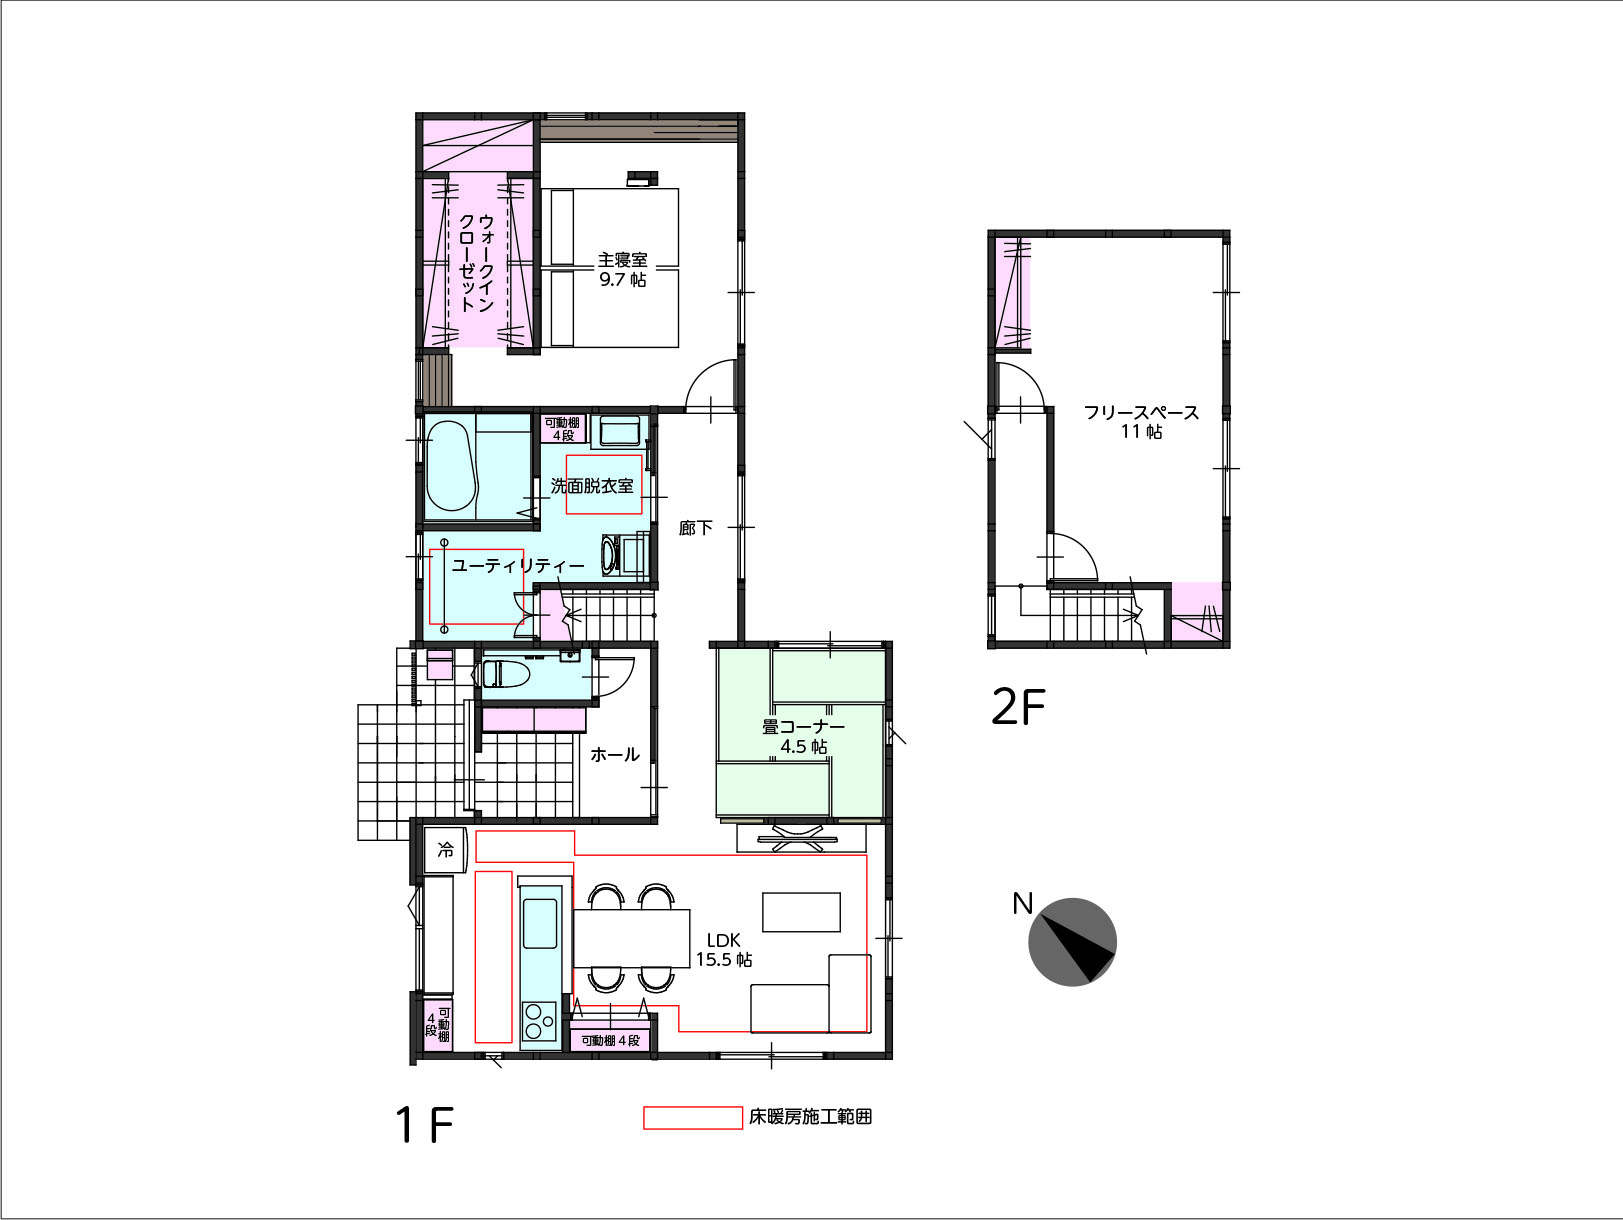 |富山市山室荒屋|リノベーション物件|床暖房+ワイヤレススピーカー付き!(3LDK対応可)の間取り